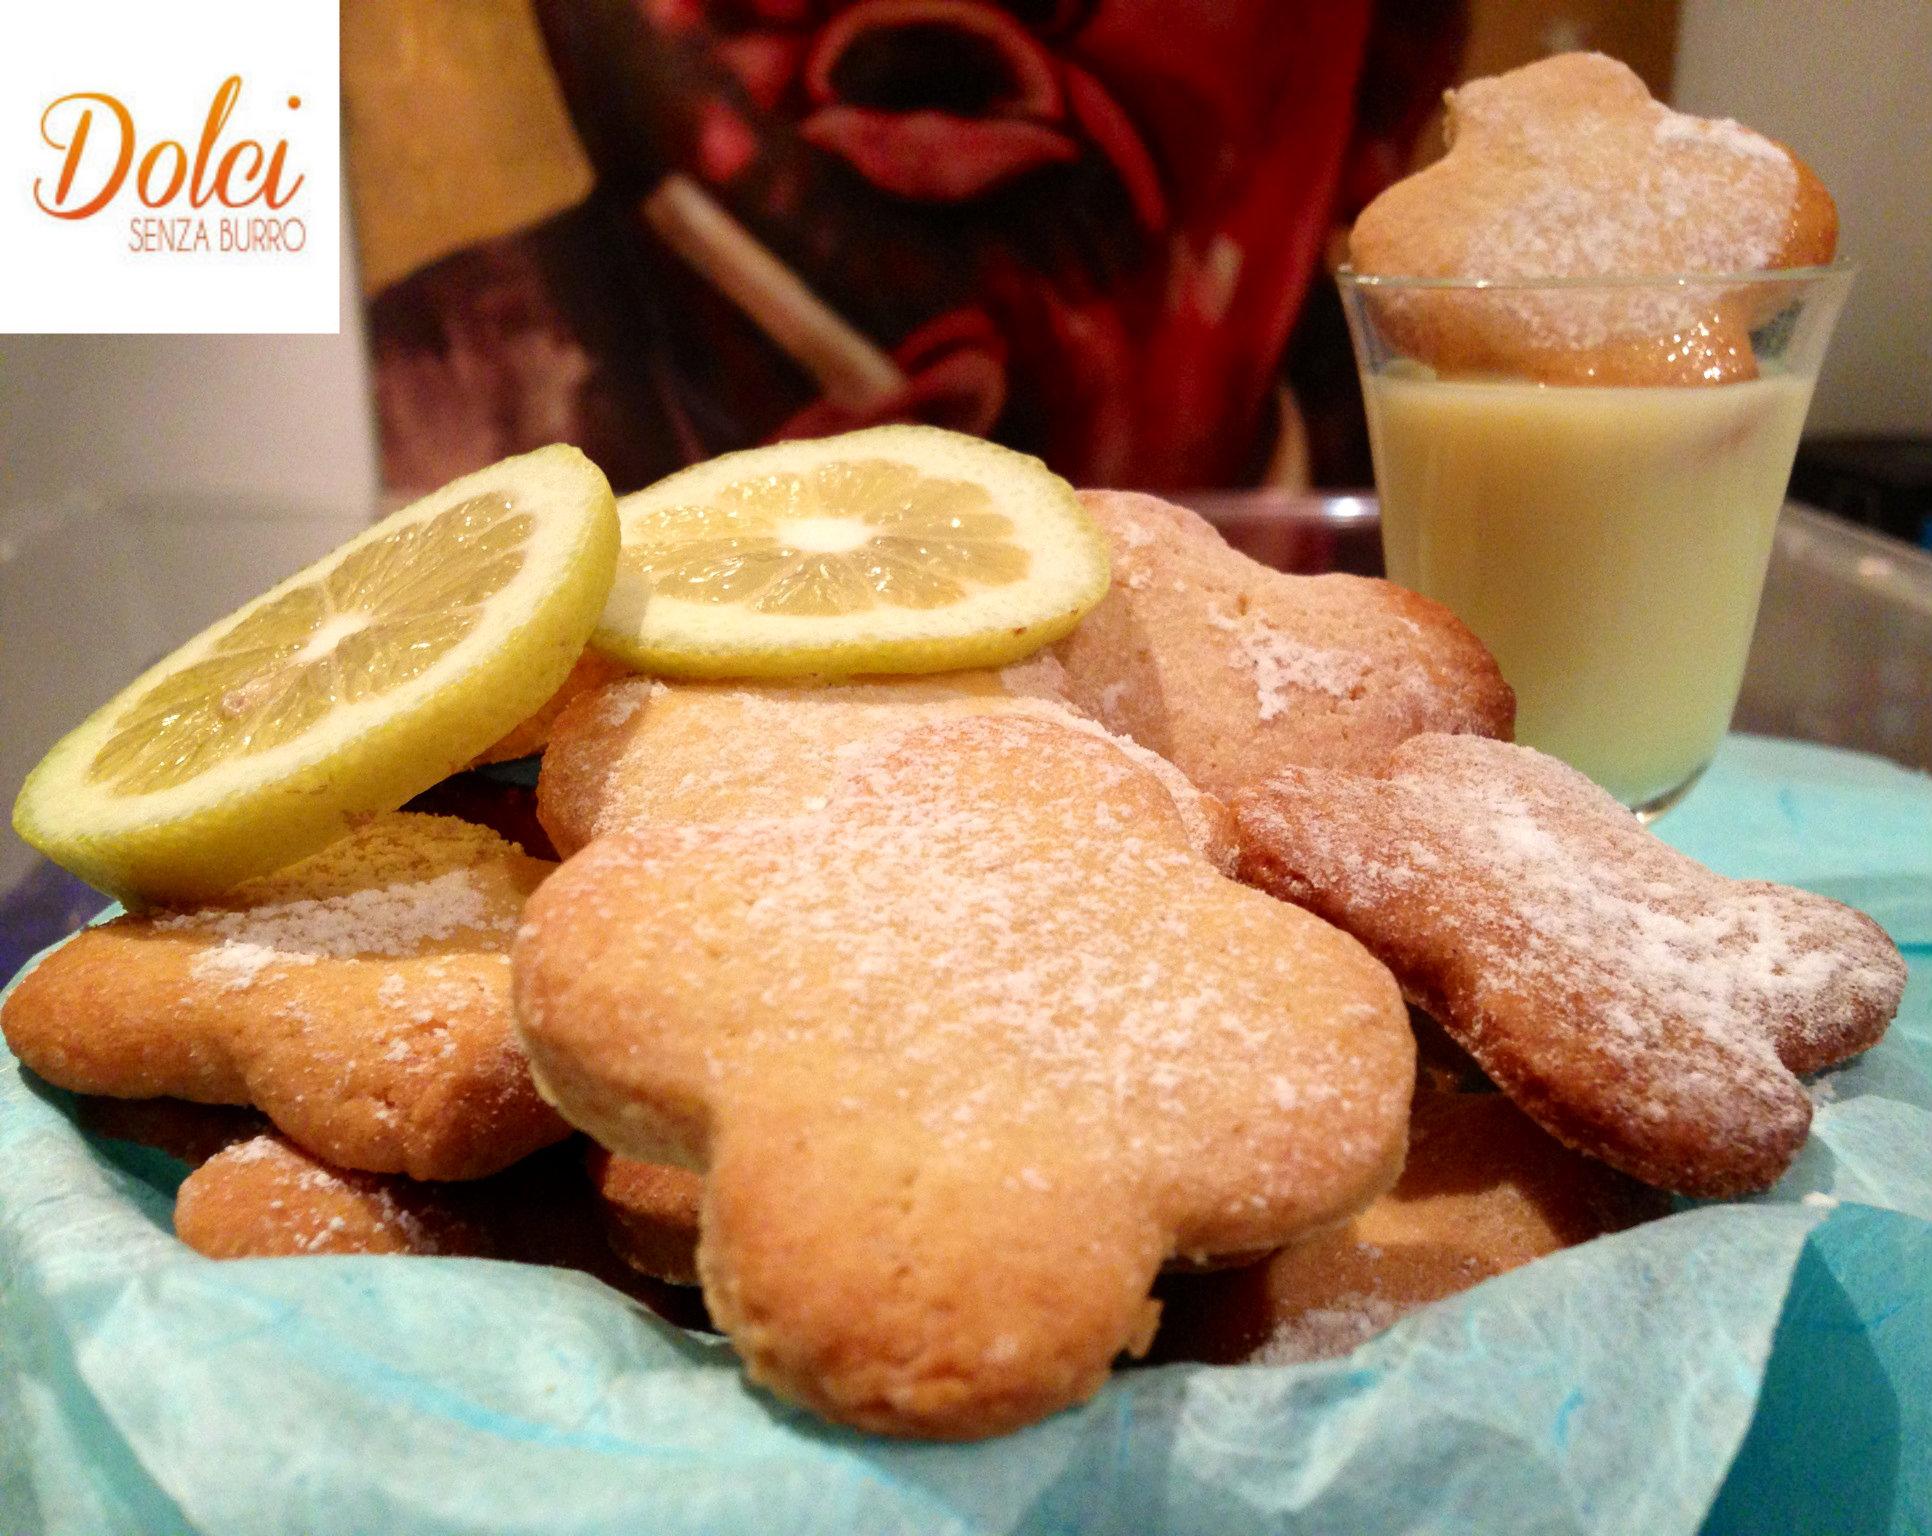 I Biscotti Senza Burro al Limoncello sono dei leggeri e fragranti biscotti di dolci senza burro